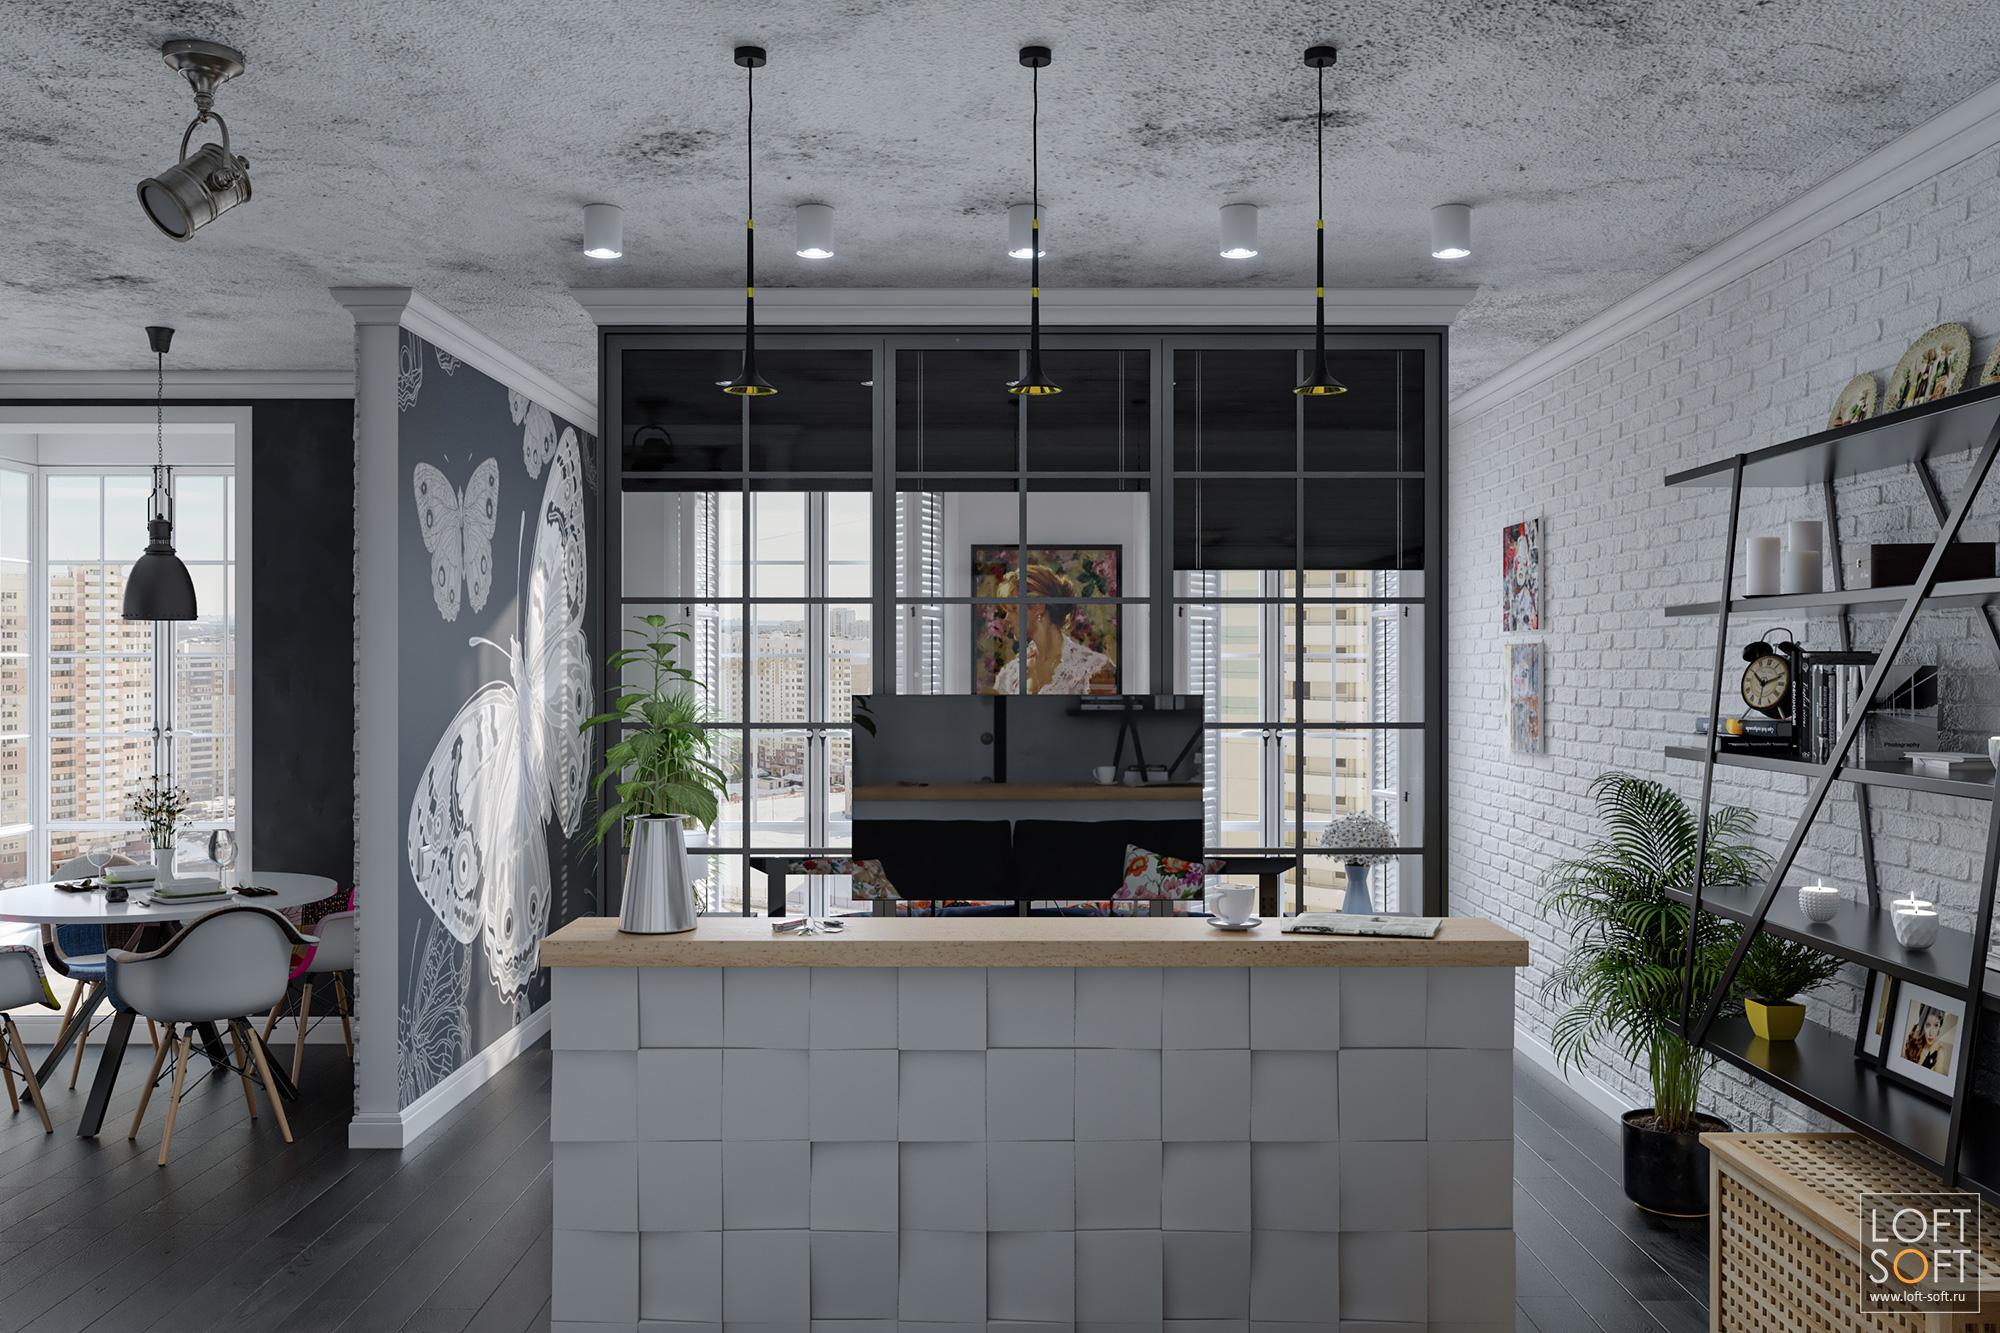 Лофт минимализм хорошо представляется потолком без отделки ибелым клинкером.